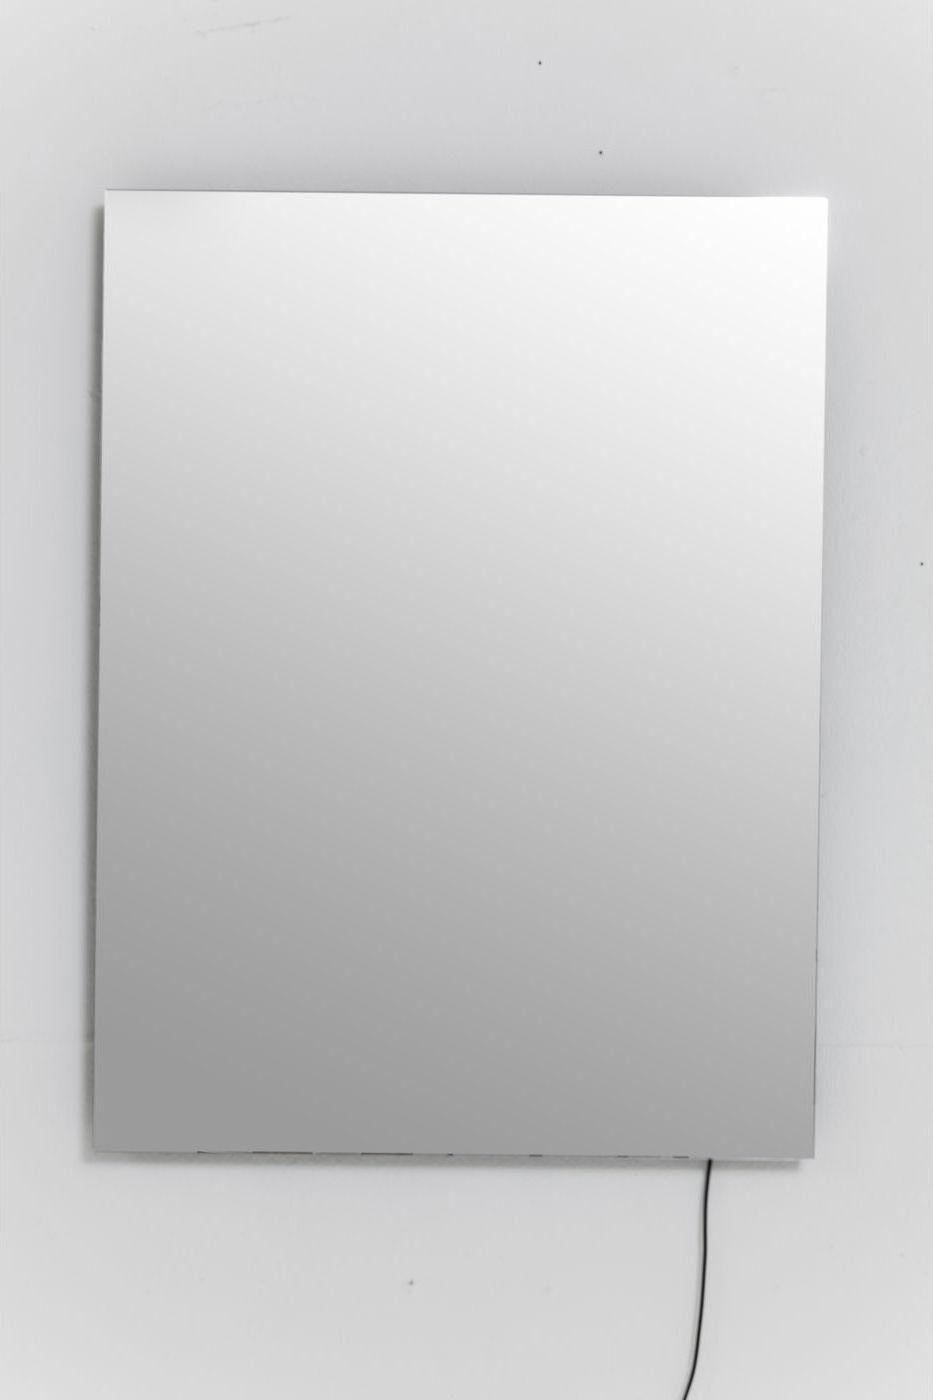 kare design spiegel infinity 80x60cm led meubelen verlichting. Black Bedroom Furniture Sets. Home Design Ideas